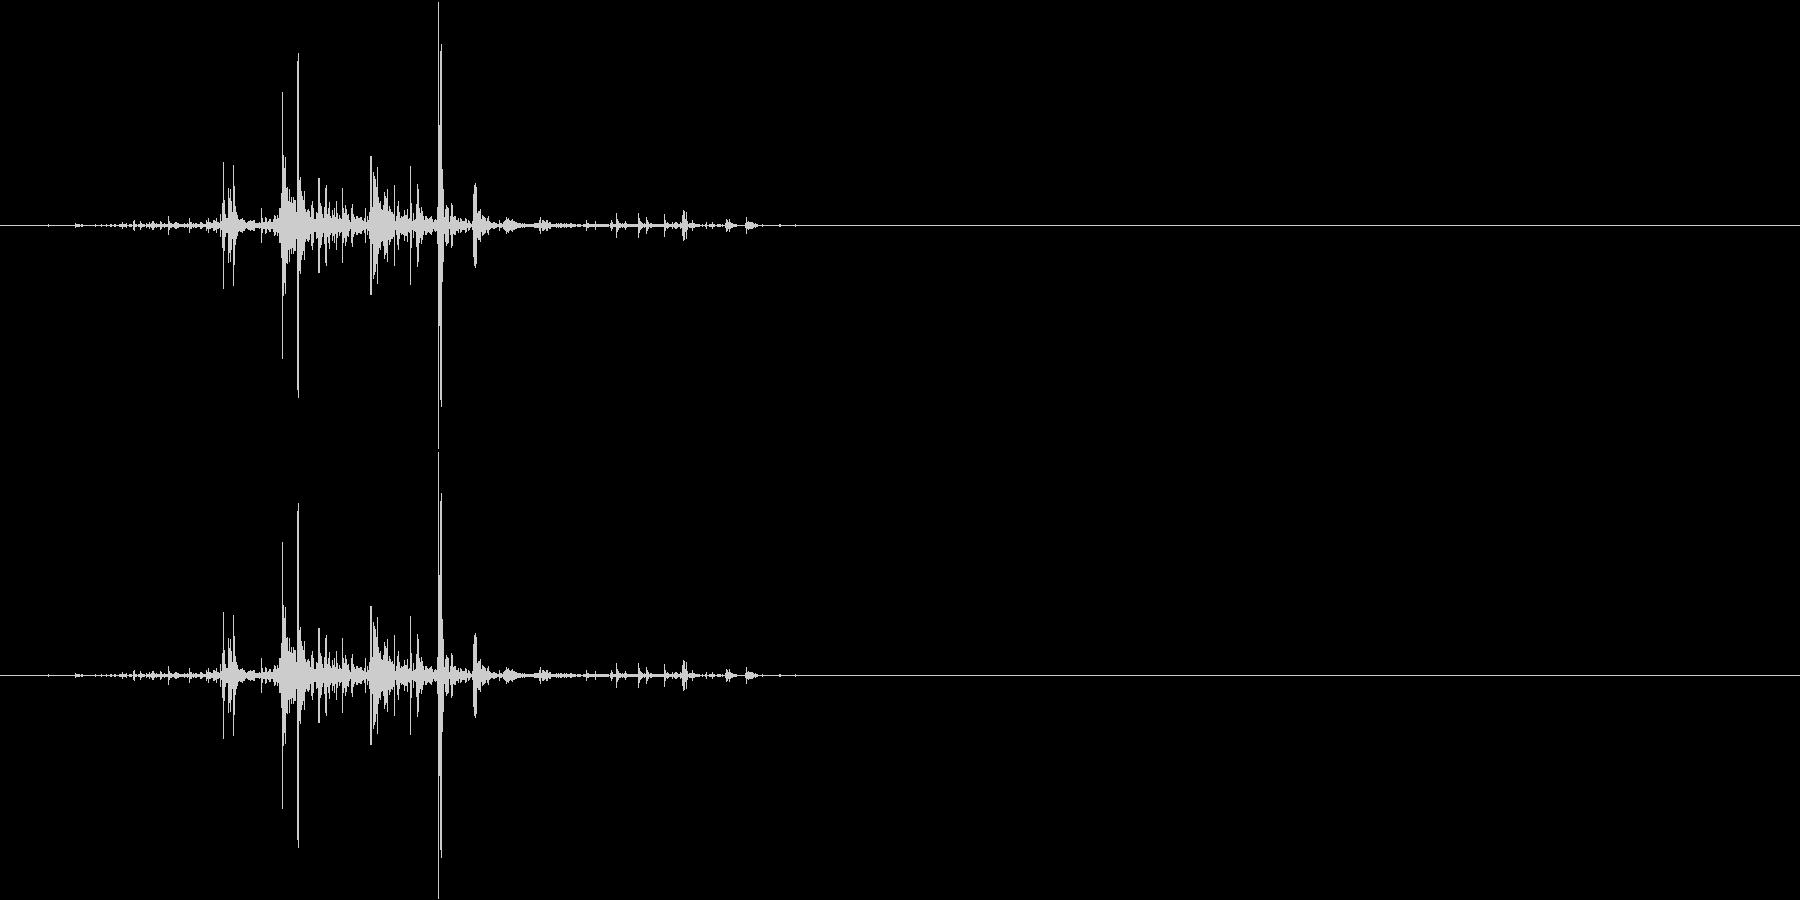 ネバネバしたものを潰す音4の未再生の波形